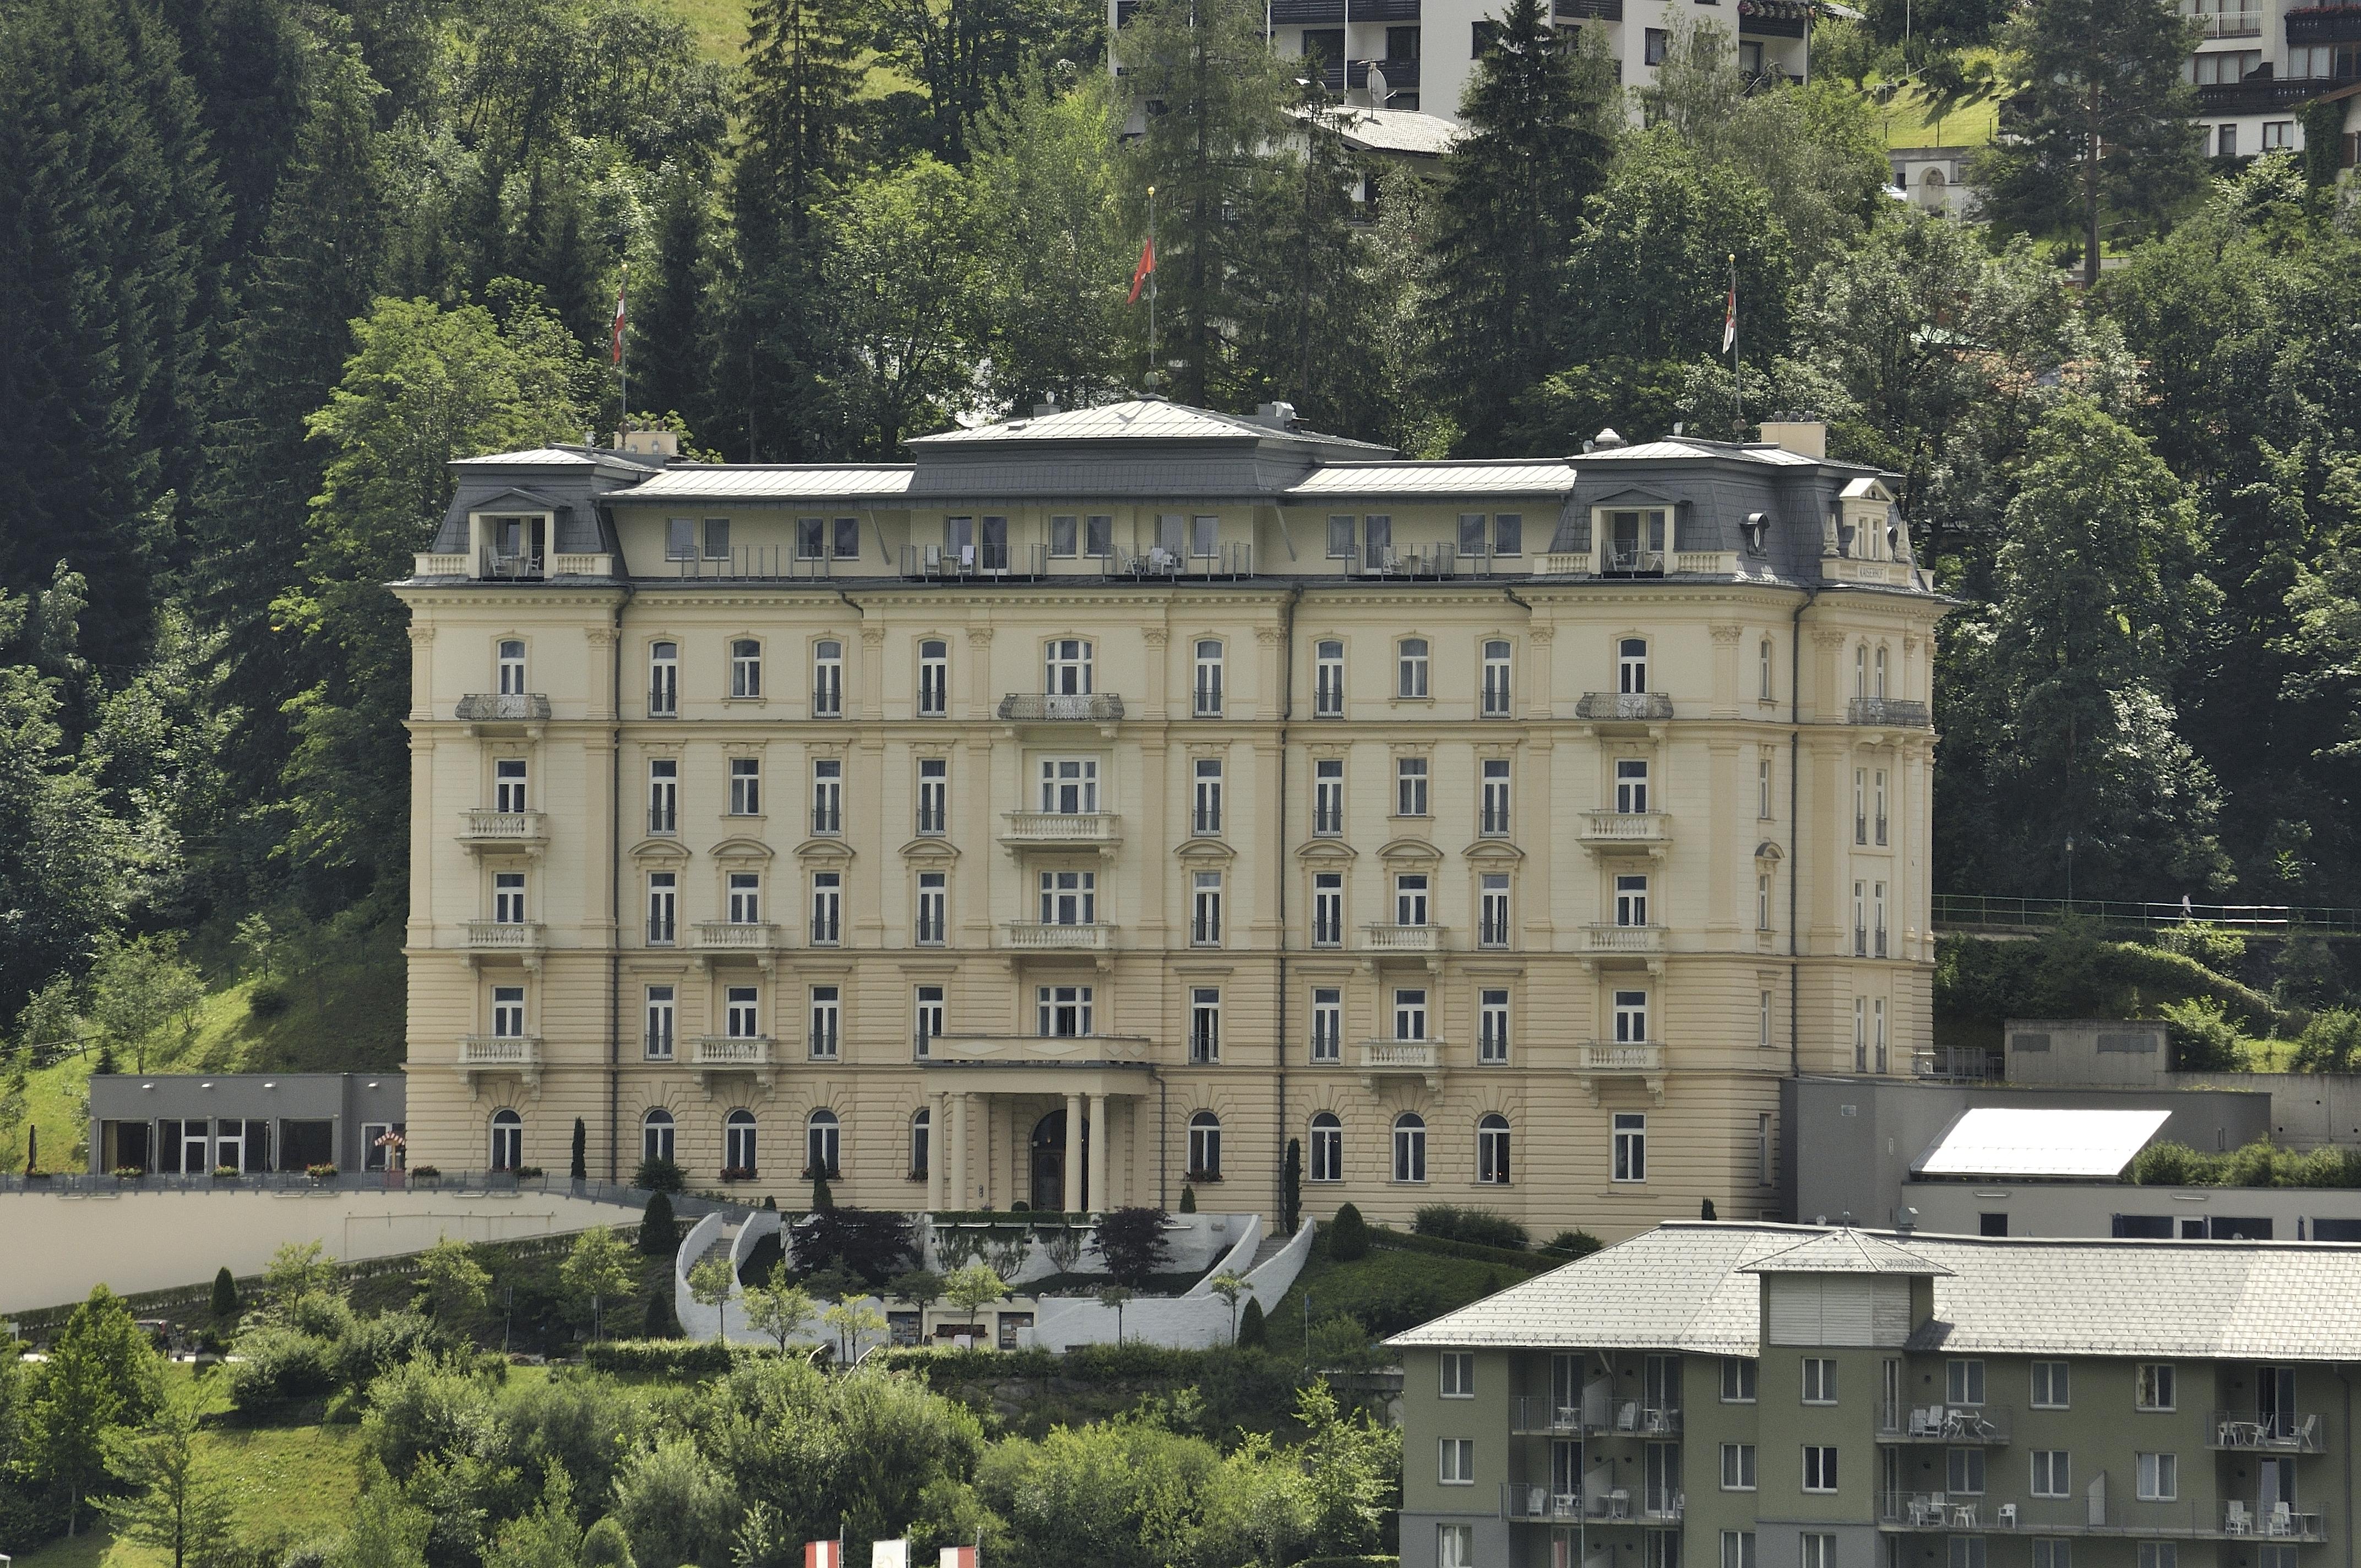 Hotel Kaiserhof Bad Gastein